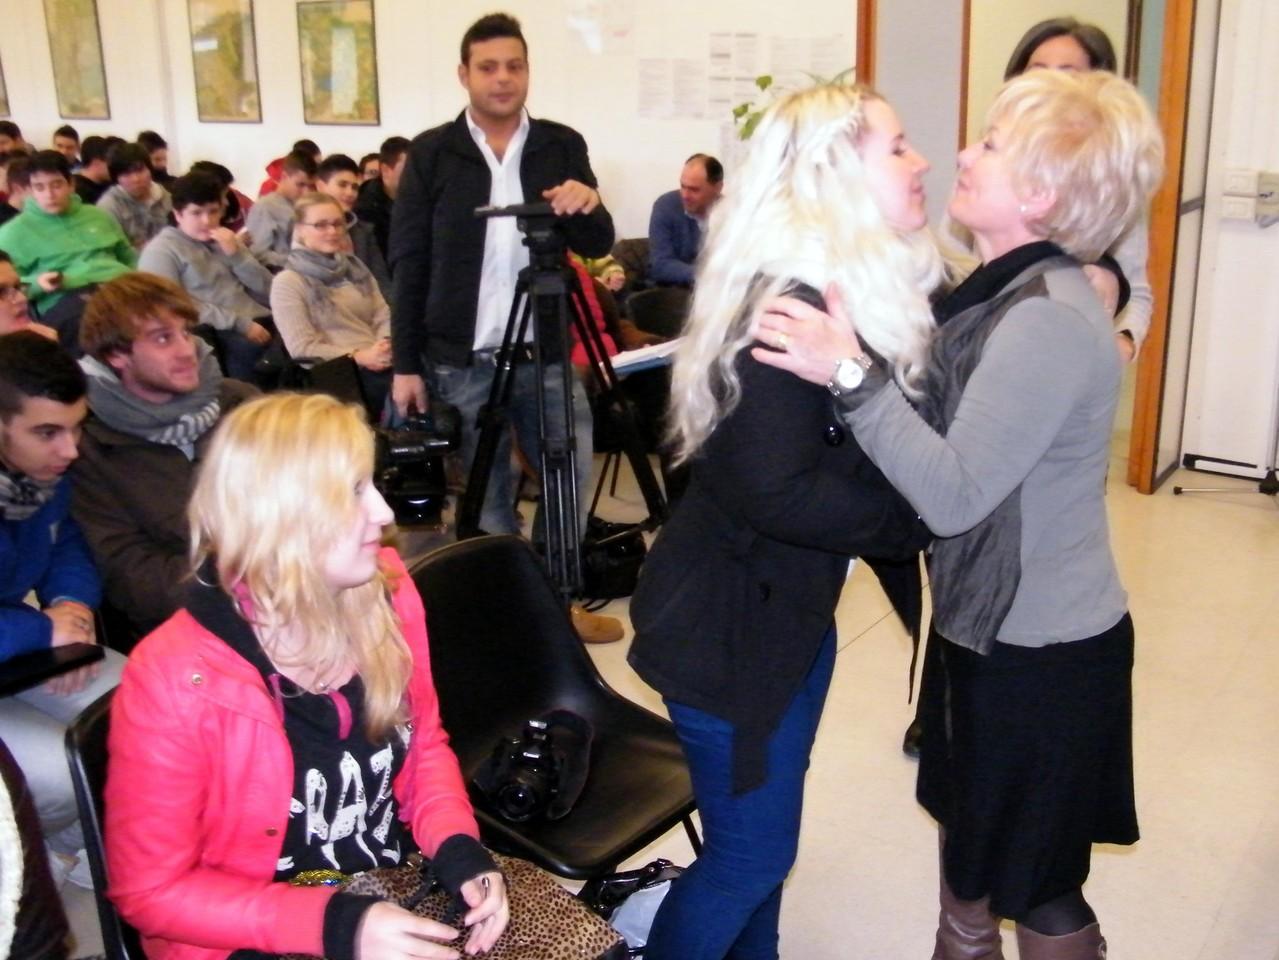 La dirigente saluta le studentesse finlandesi alla vigilia del loro ritorno a casa